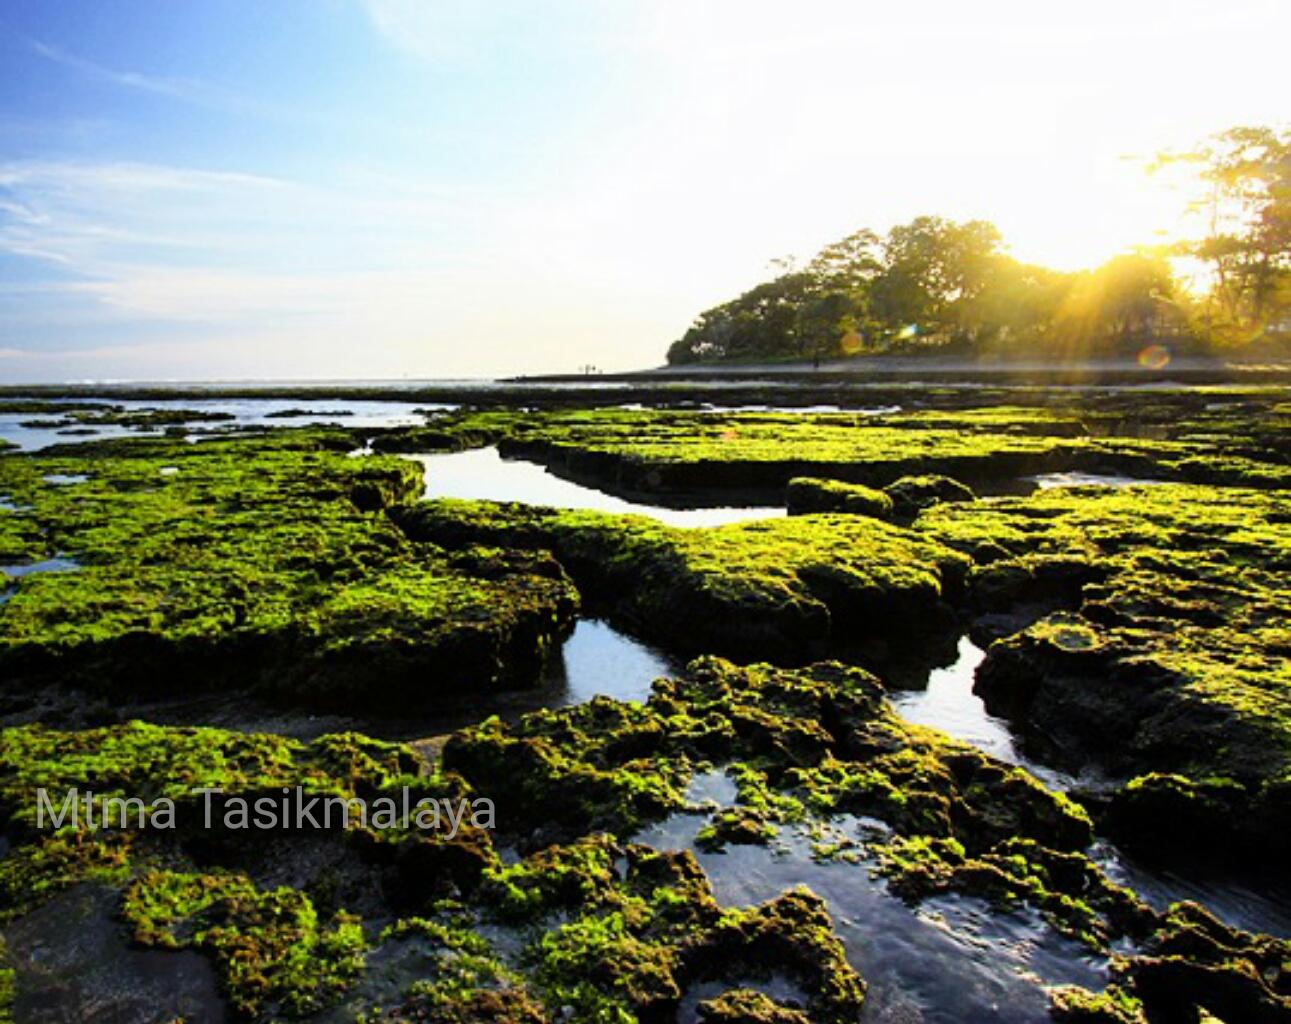 10 Tempat Wisata yang Wajib Dikunjungi Saat Libur Panjang